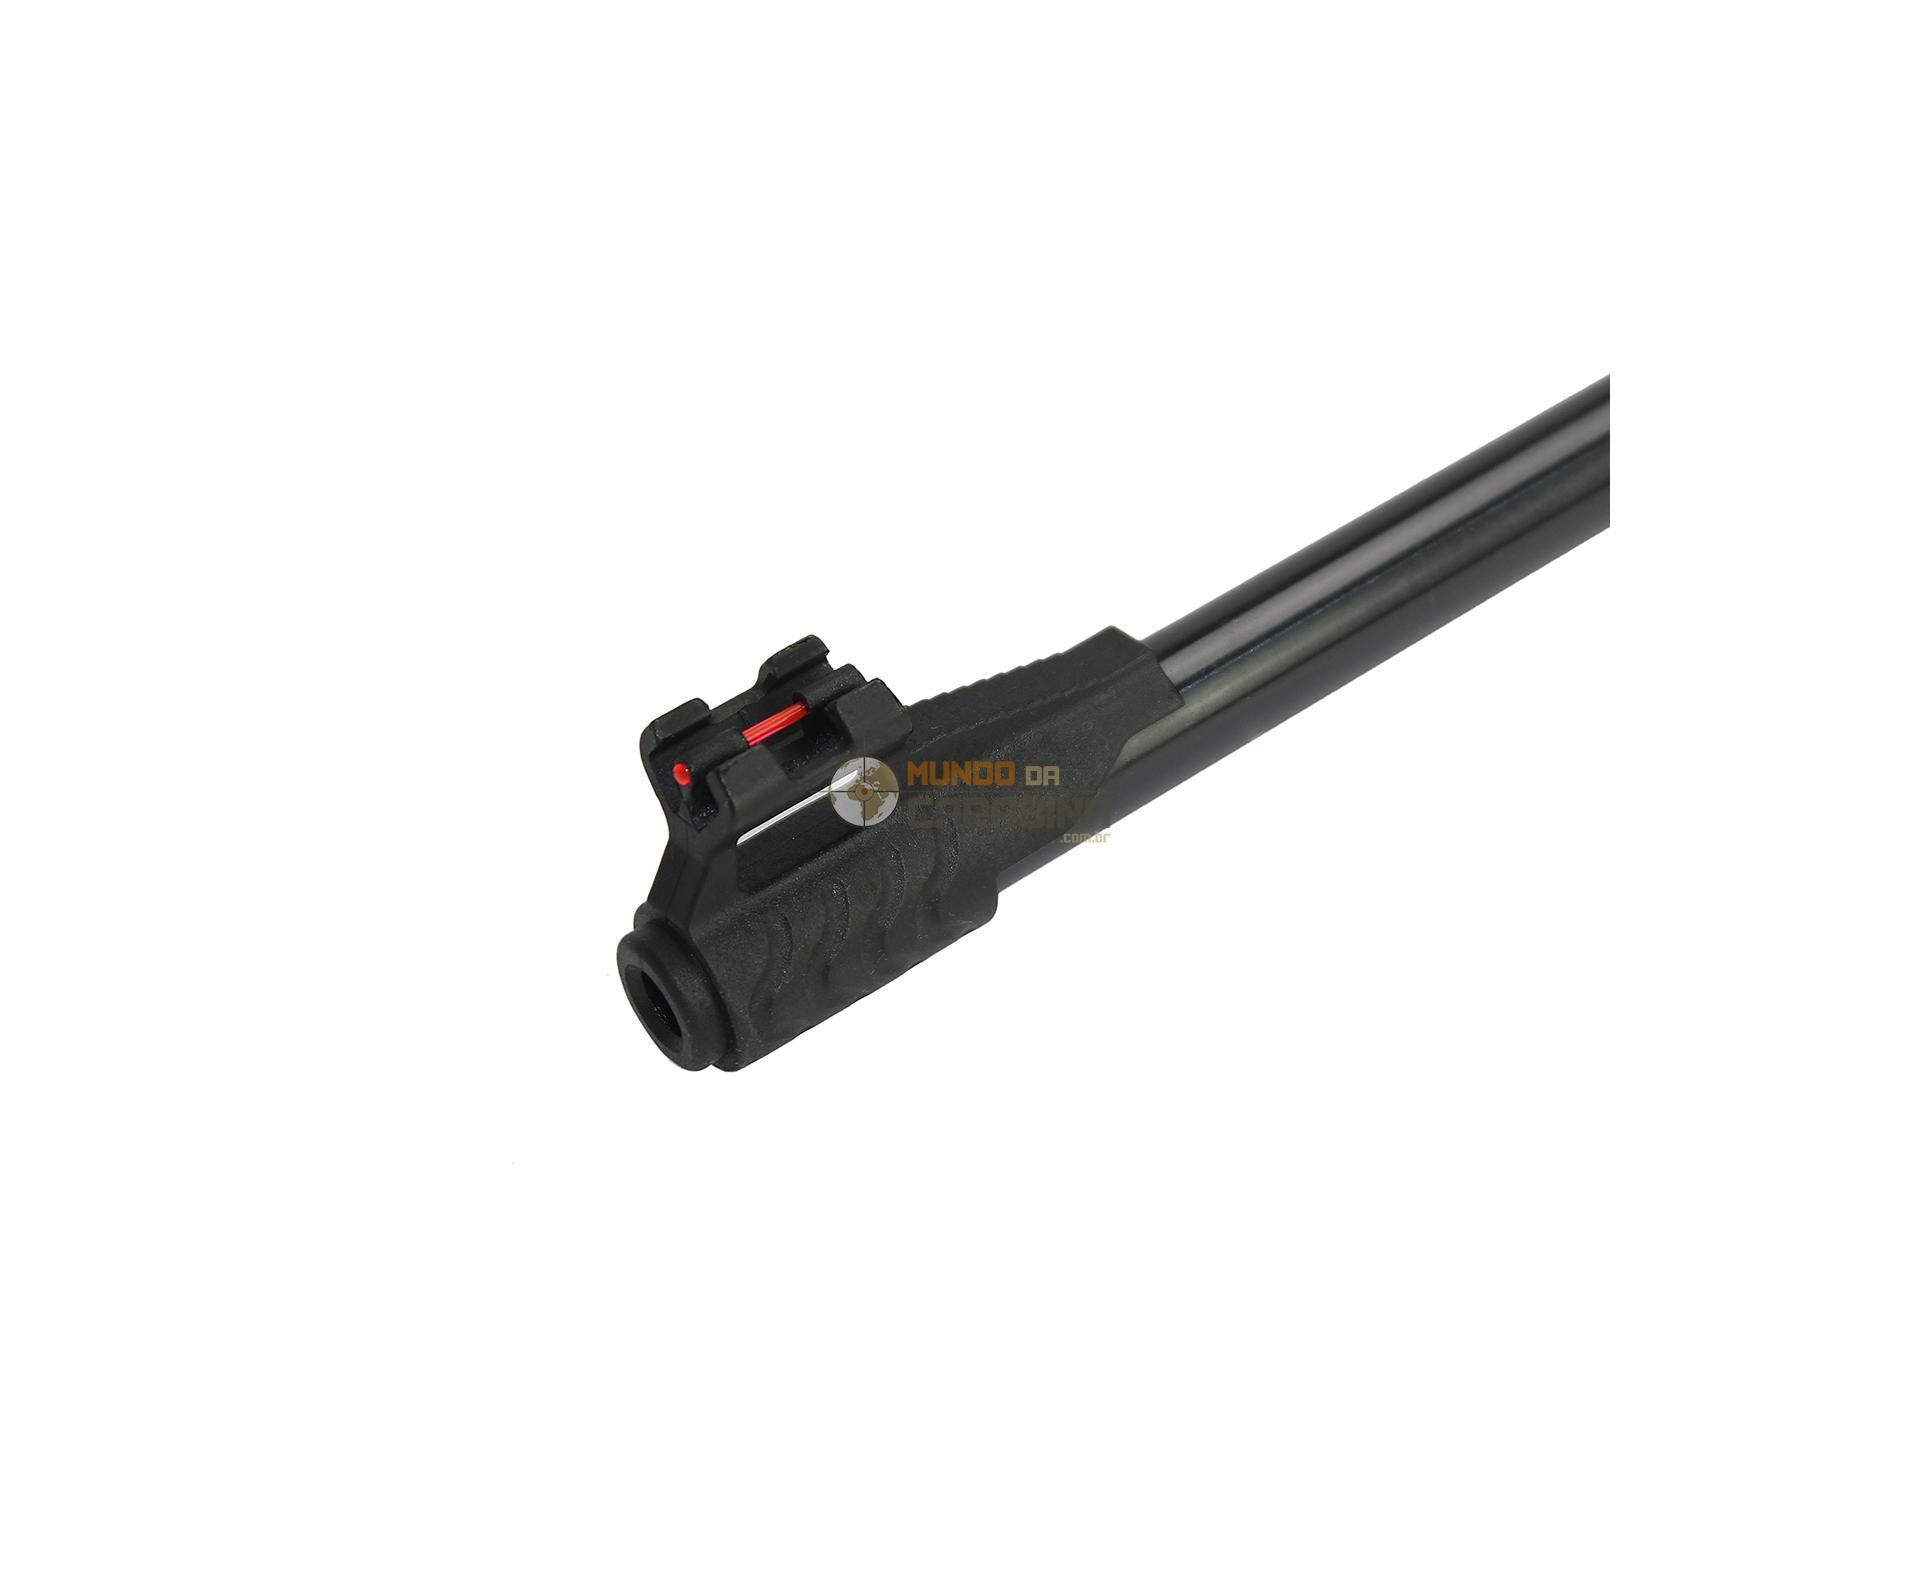 Carabina De Pressão Hatsan Ht 80 Com Gas Ram Instalado - 5,5 Mm